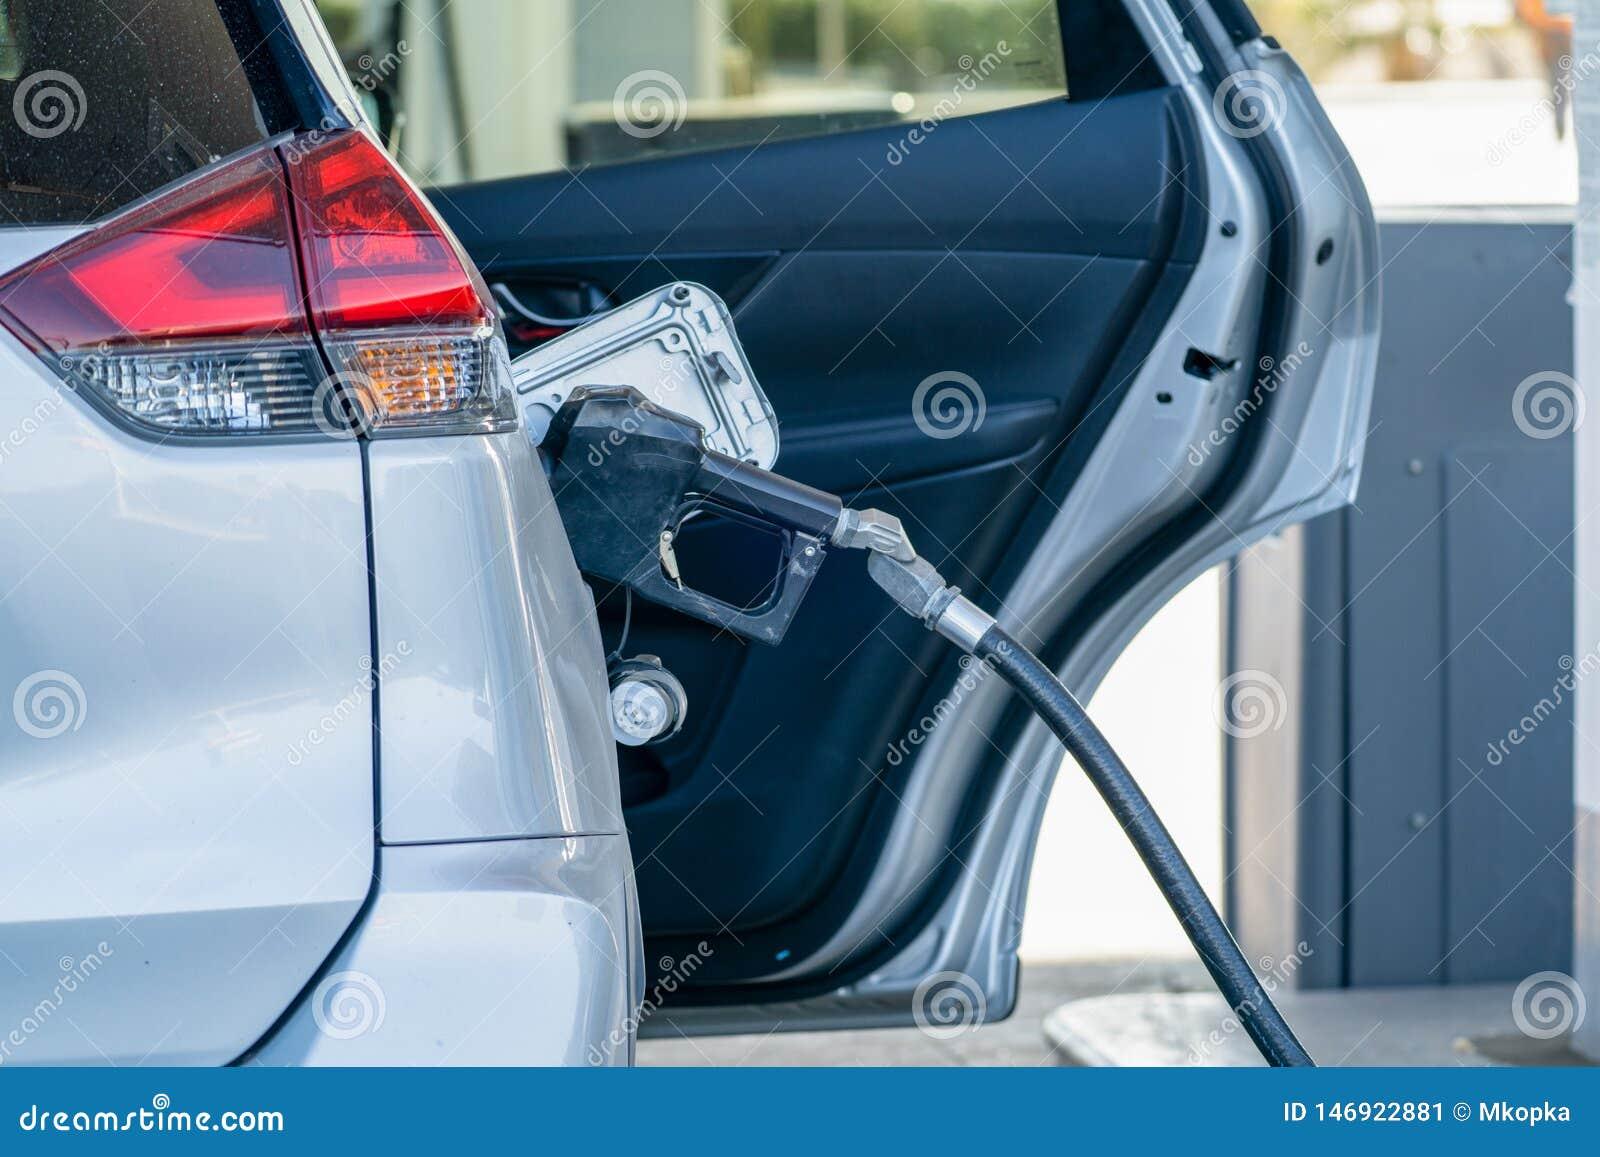 Αυτοκίνητο που γεμίζει επάνω τη δεξαμενή αερίου σε ένα βενζινάδικο, με την πόρτα ανοικτή